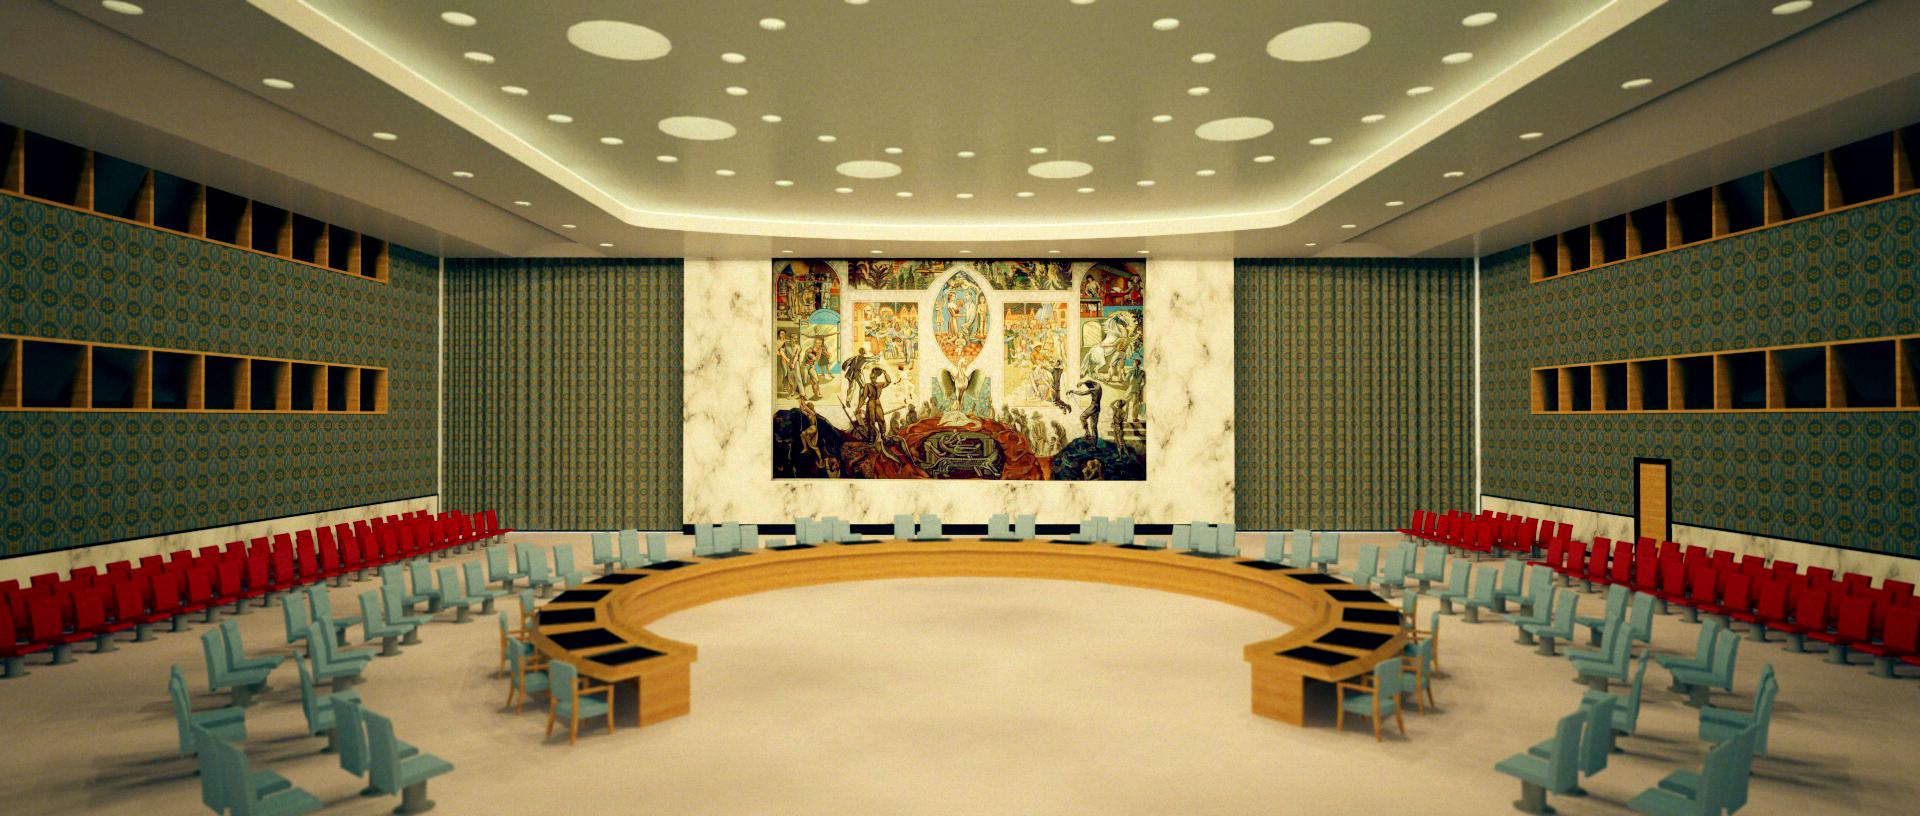 02_UNSC Composite (0-00-00-00)